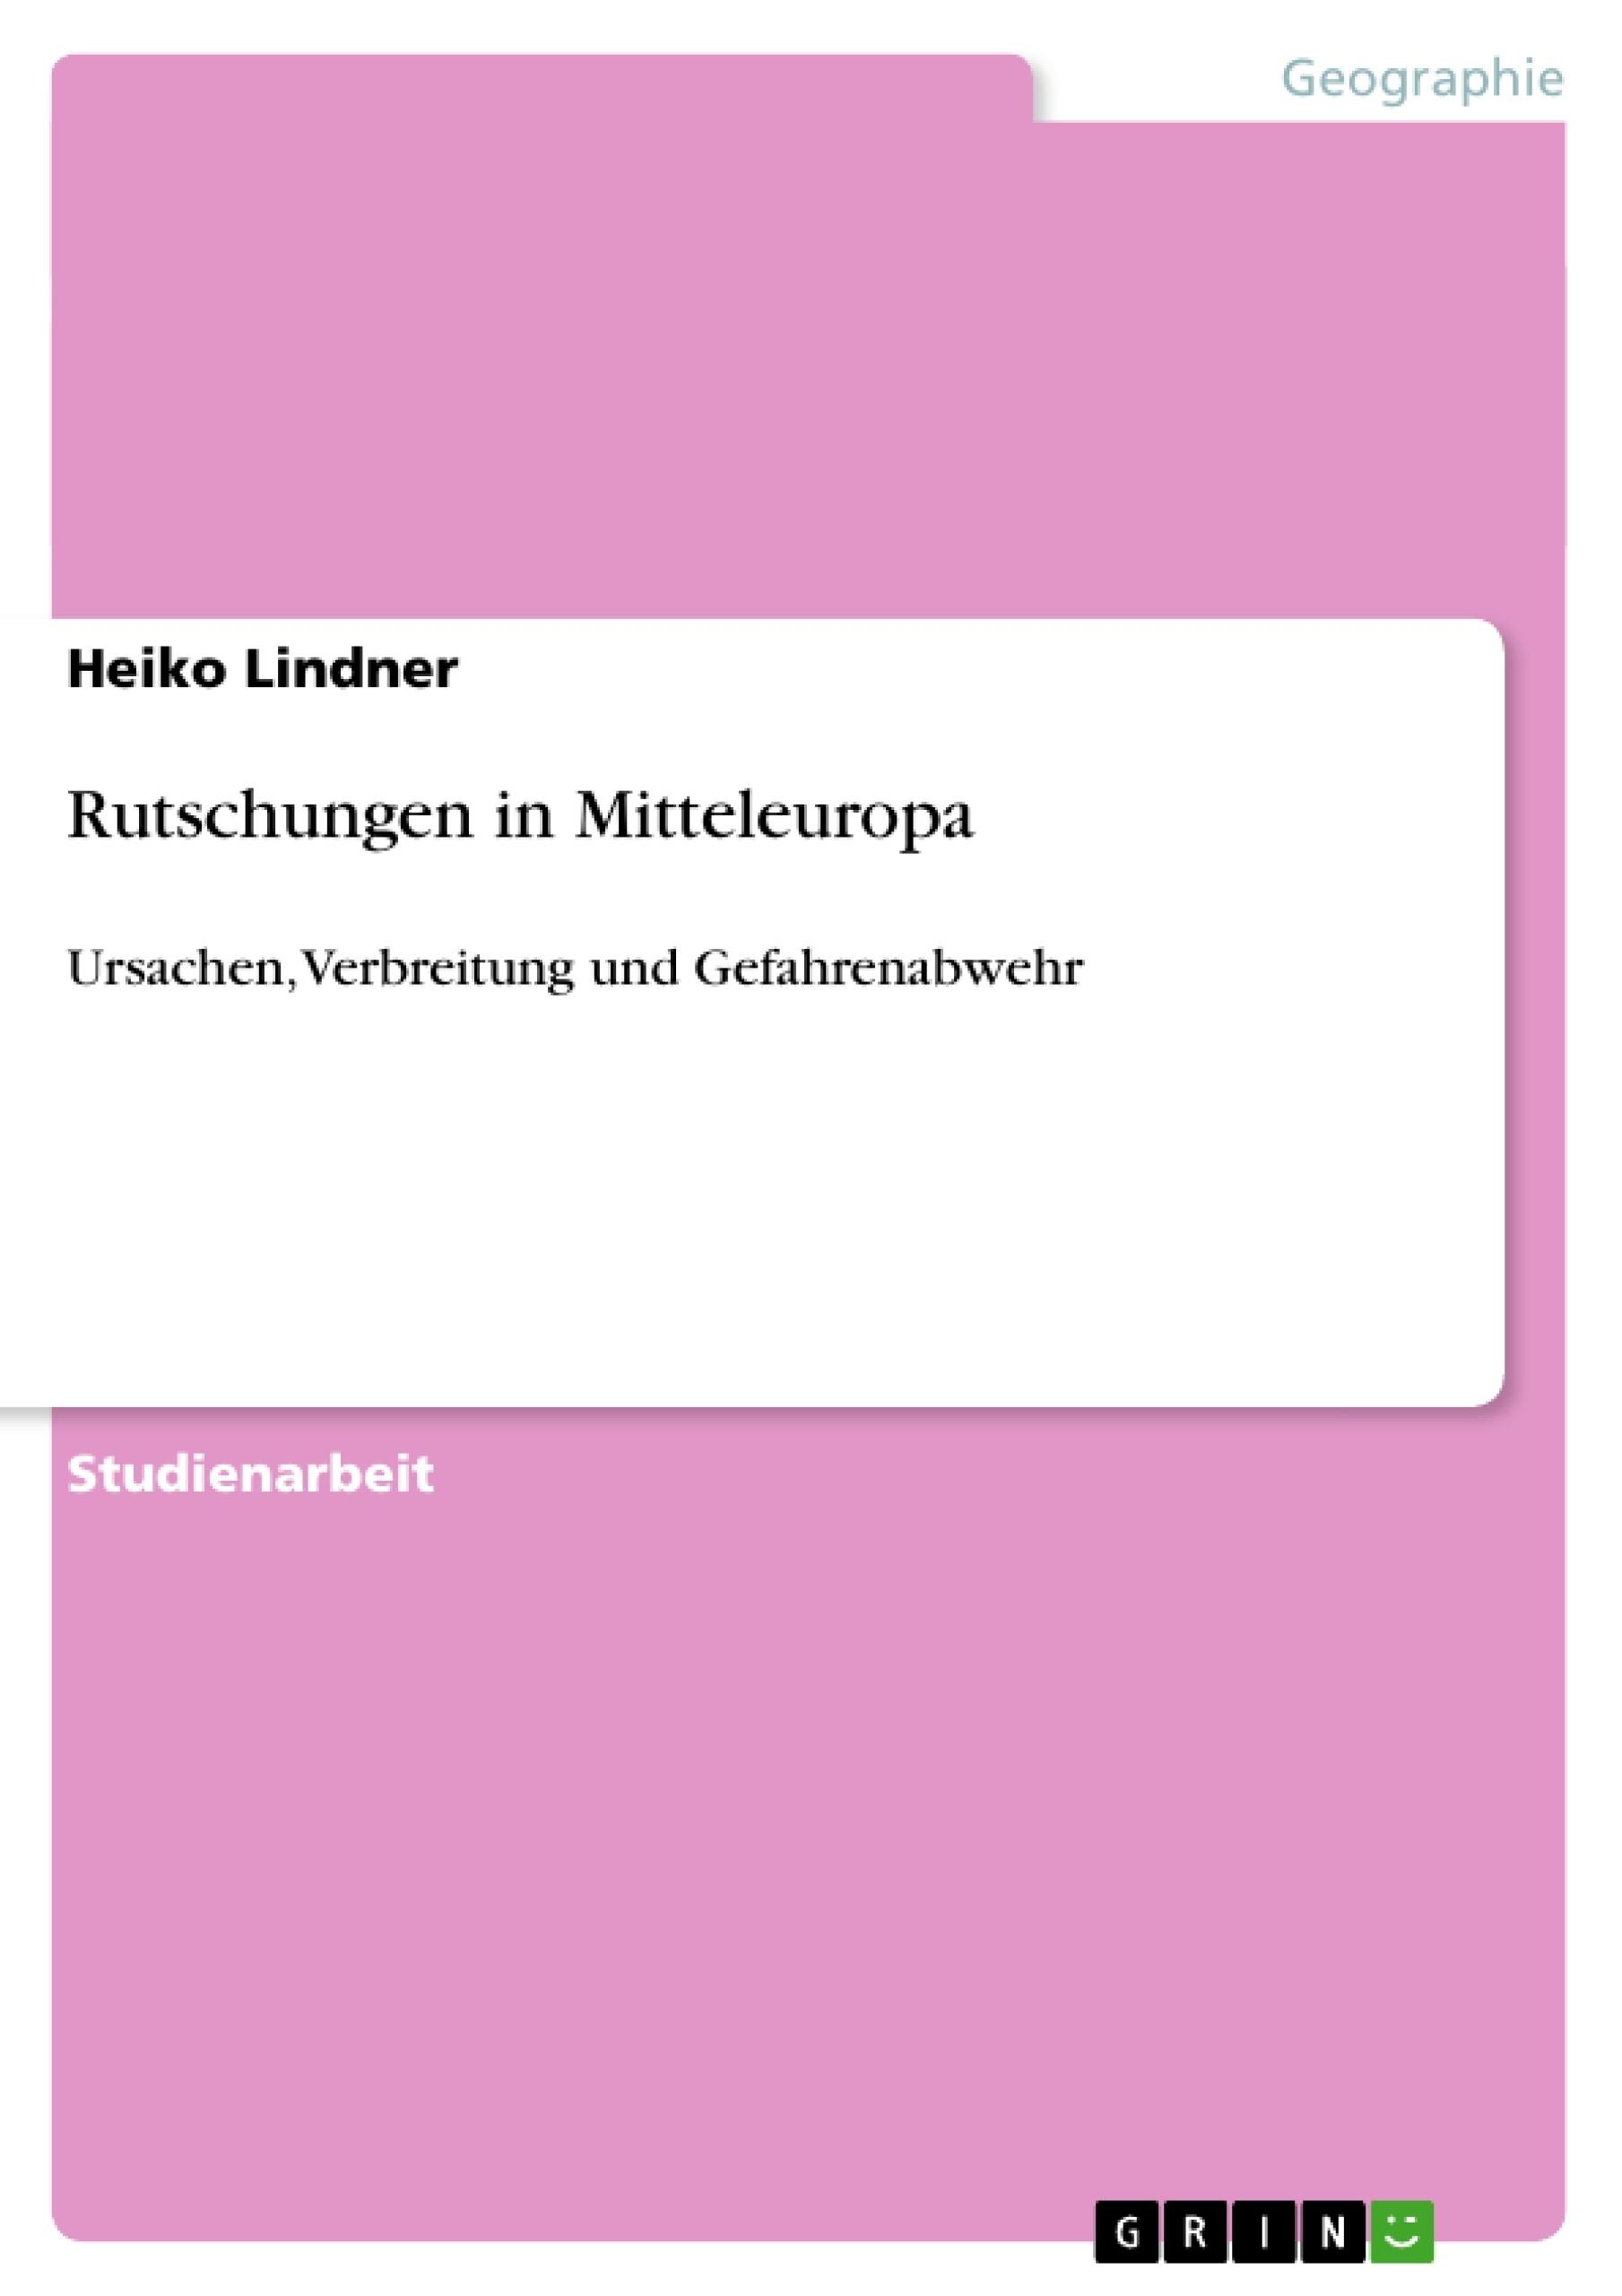 Titel: Rutschungen in Mitteleuropa